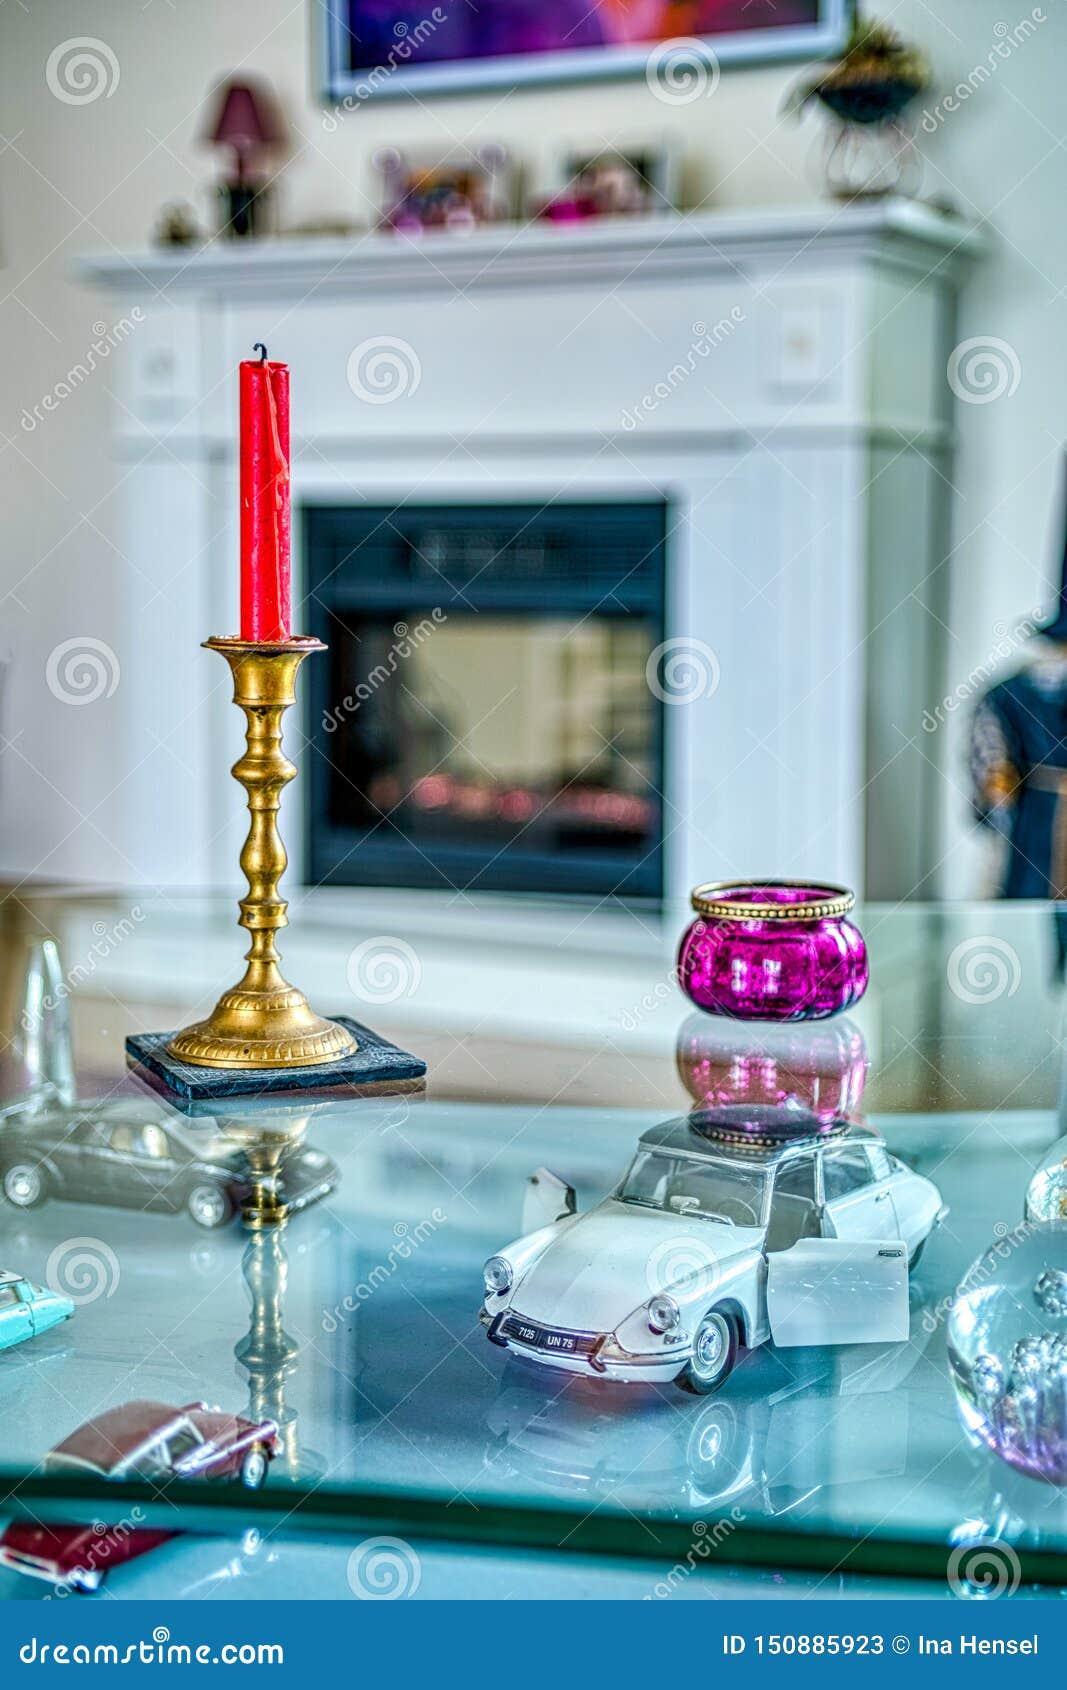 Décorations intérieures sur une table en verre avec des bougies